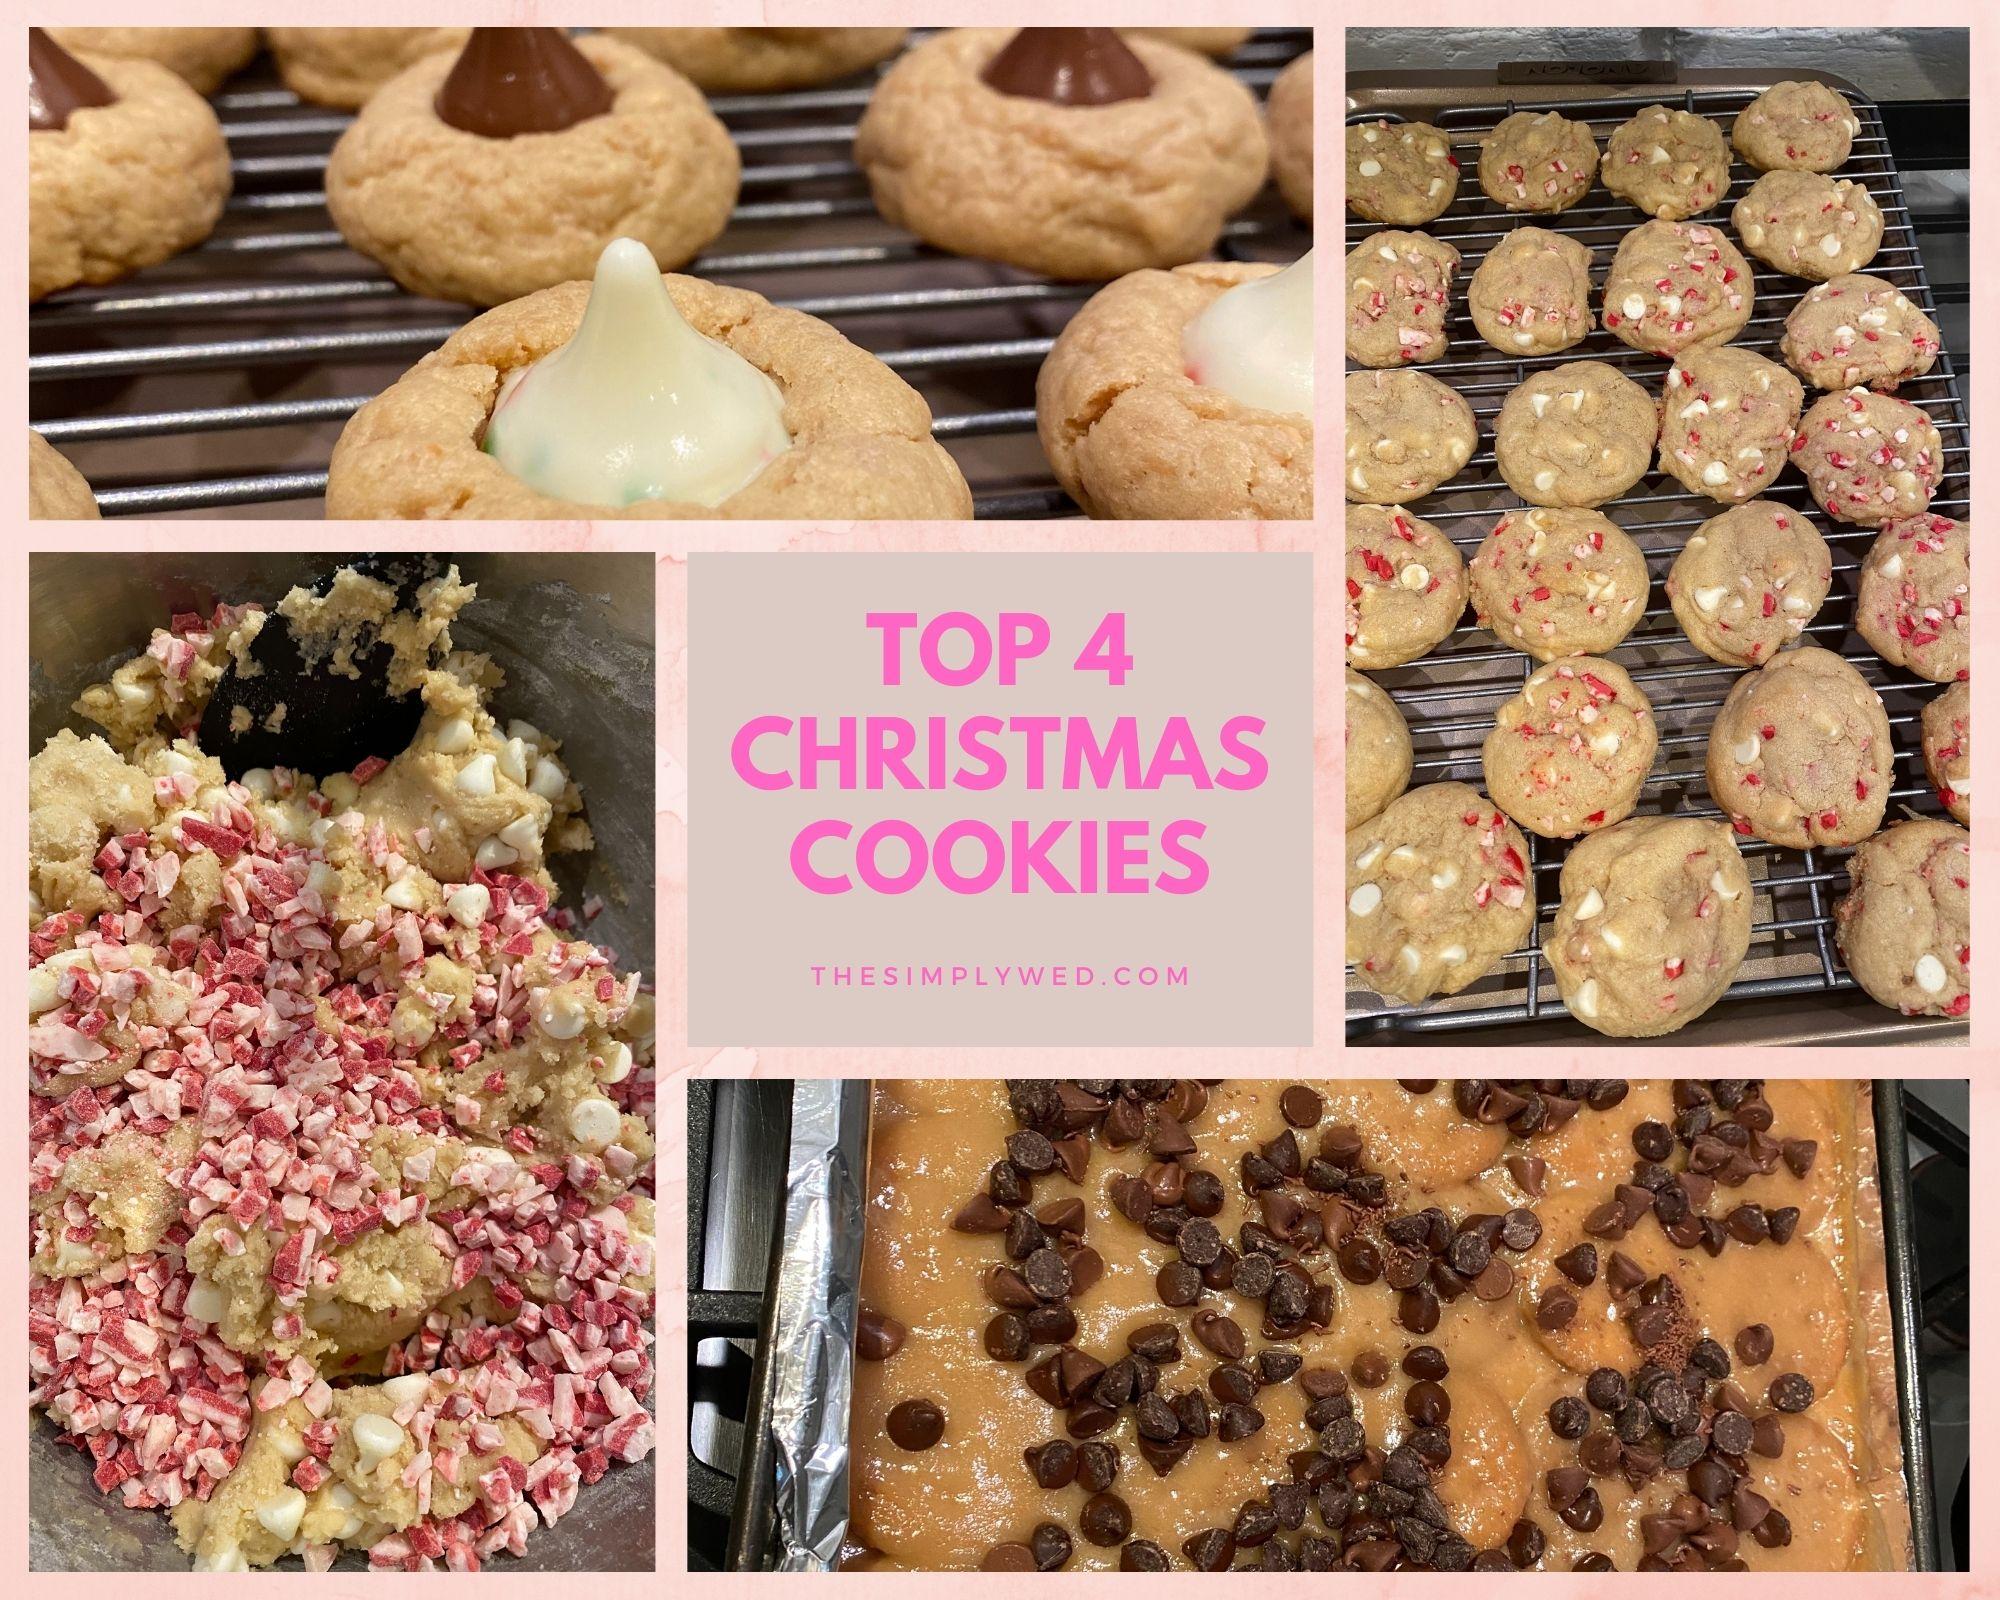 Top 4 Christmas Cookies